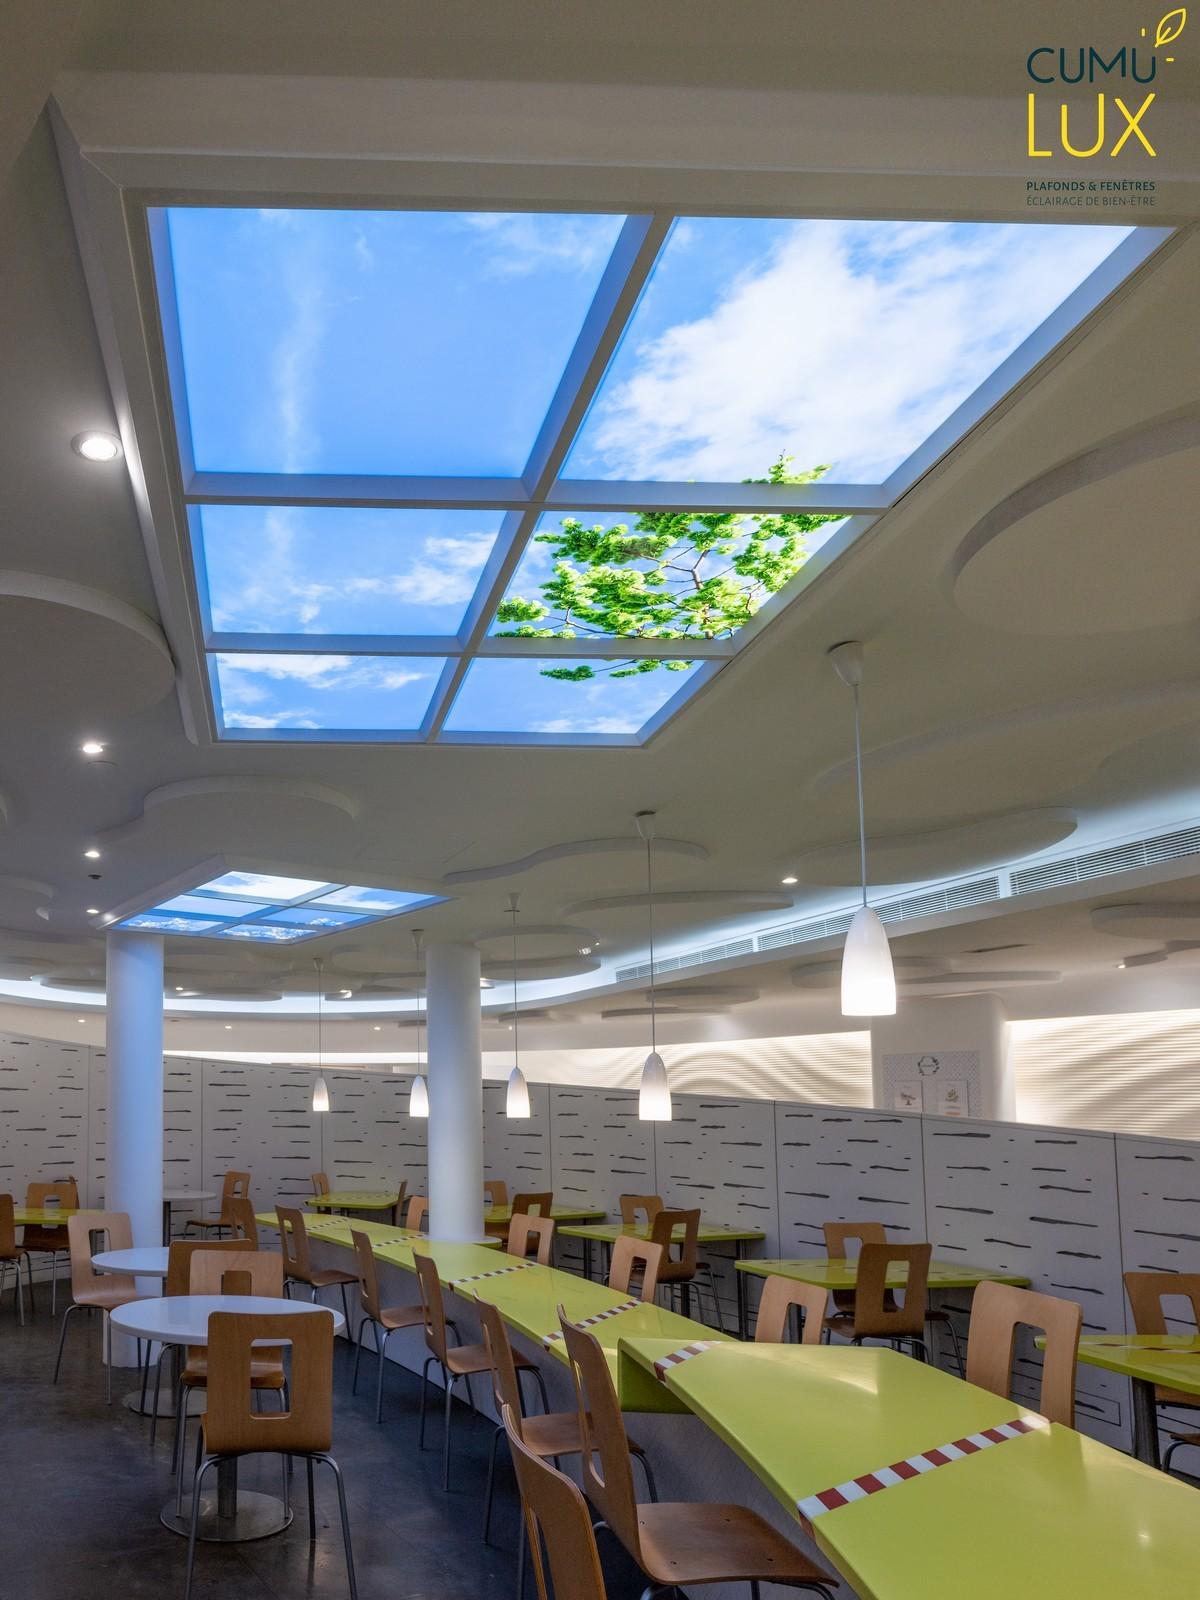 Faux plafonds ciel lumineux Cumulux pour une salle de restauration en sous-sol